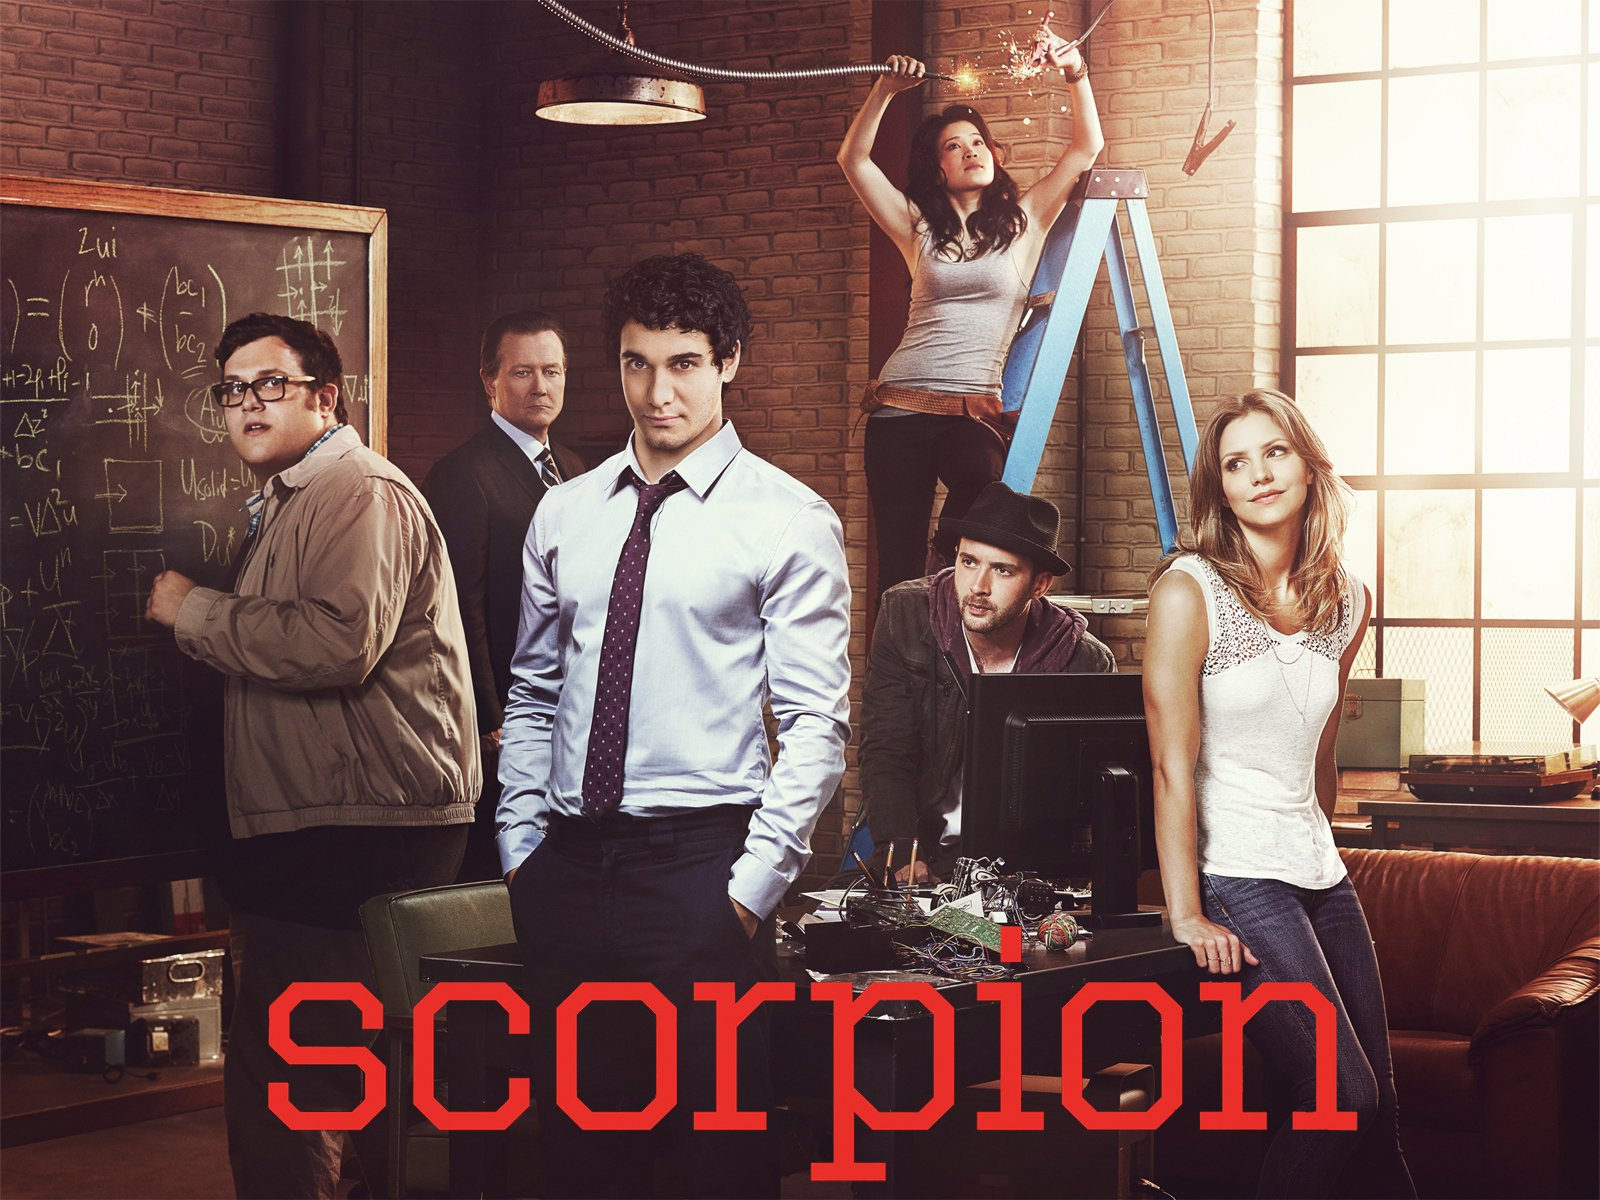 รายชื่อผู้ให้เสียงพากย์ไทย Scorpion.jpg